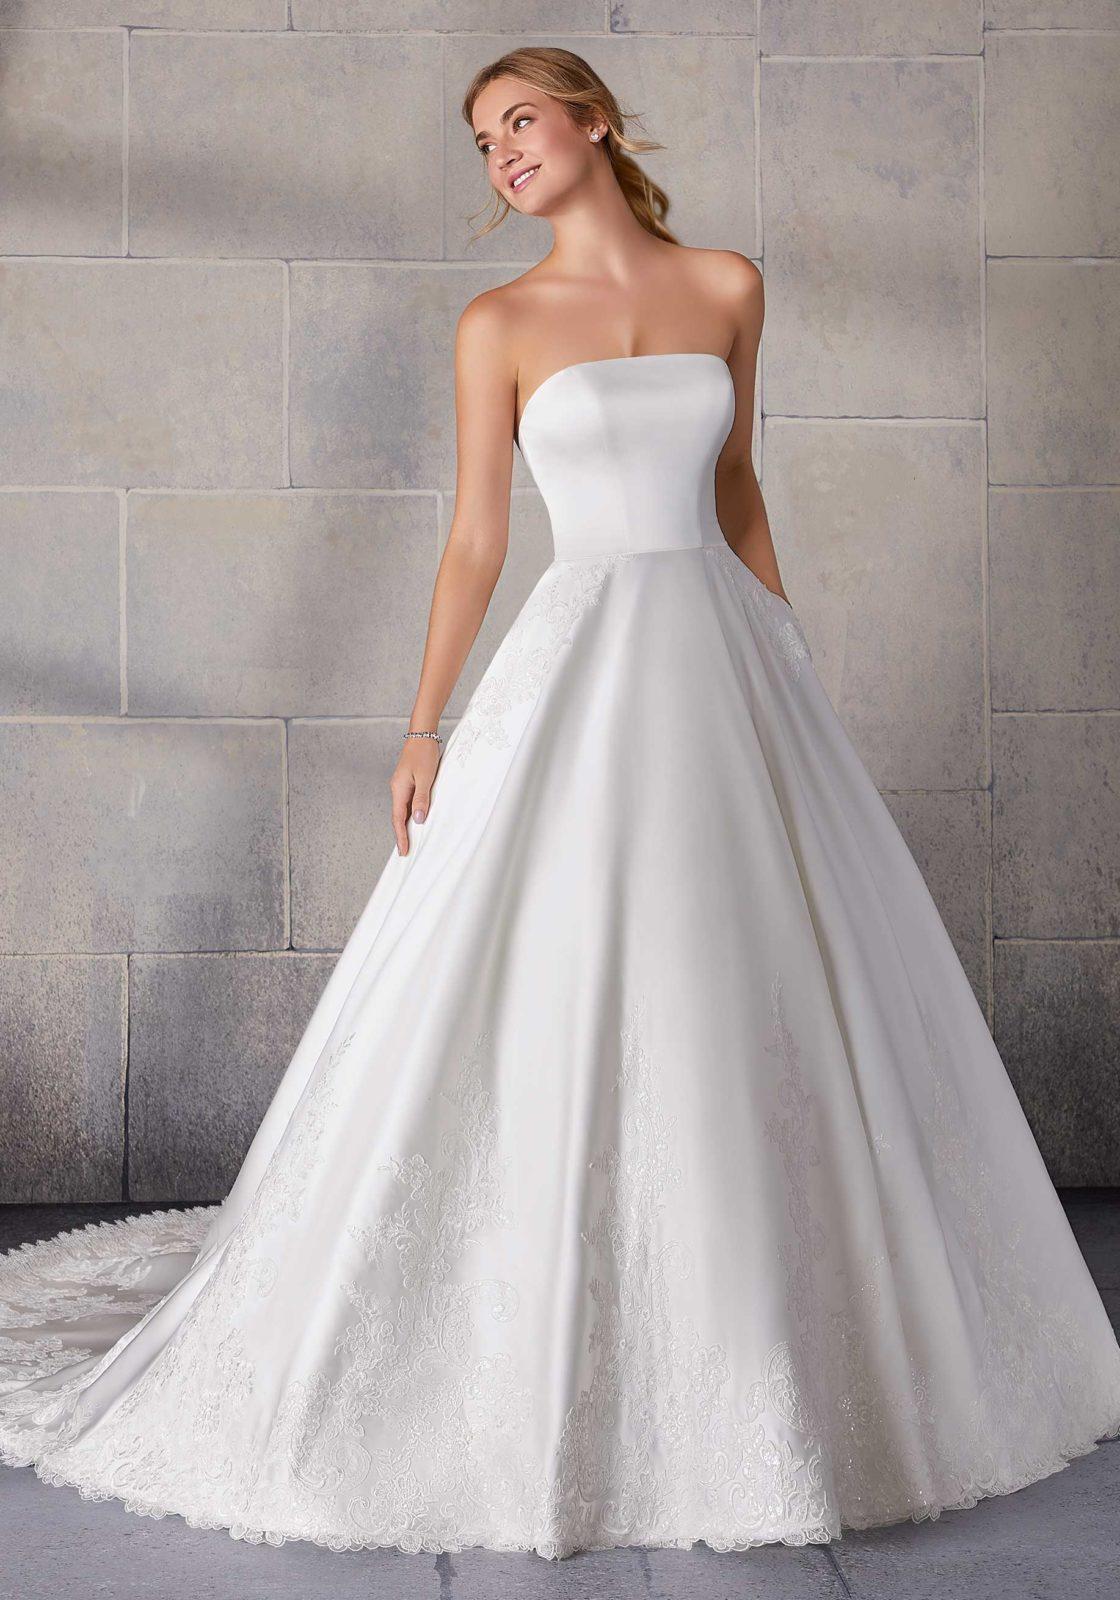 Νυφικό Φόρεμα, Morilee, Duchess Satin. Style,  2134